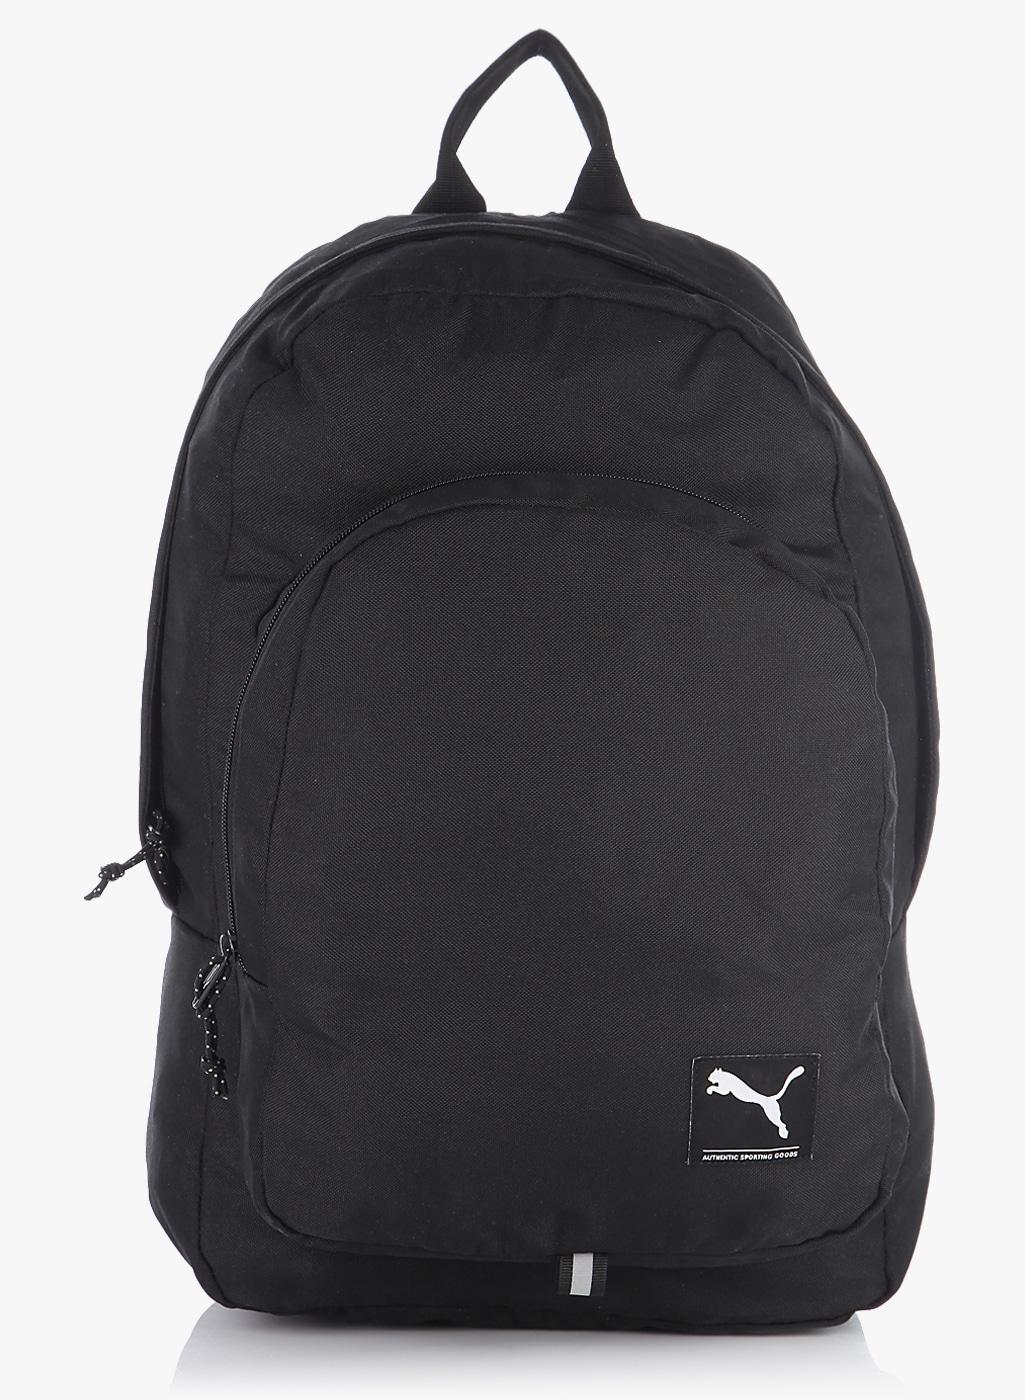 Puma Black Bags Backpacks - Buy Puma Black Bags Backpacks online in India e005bda74fcf3